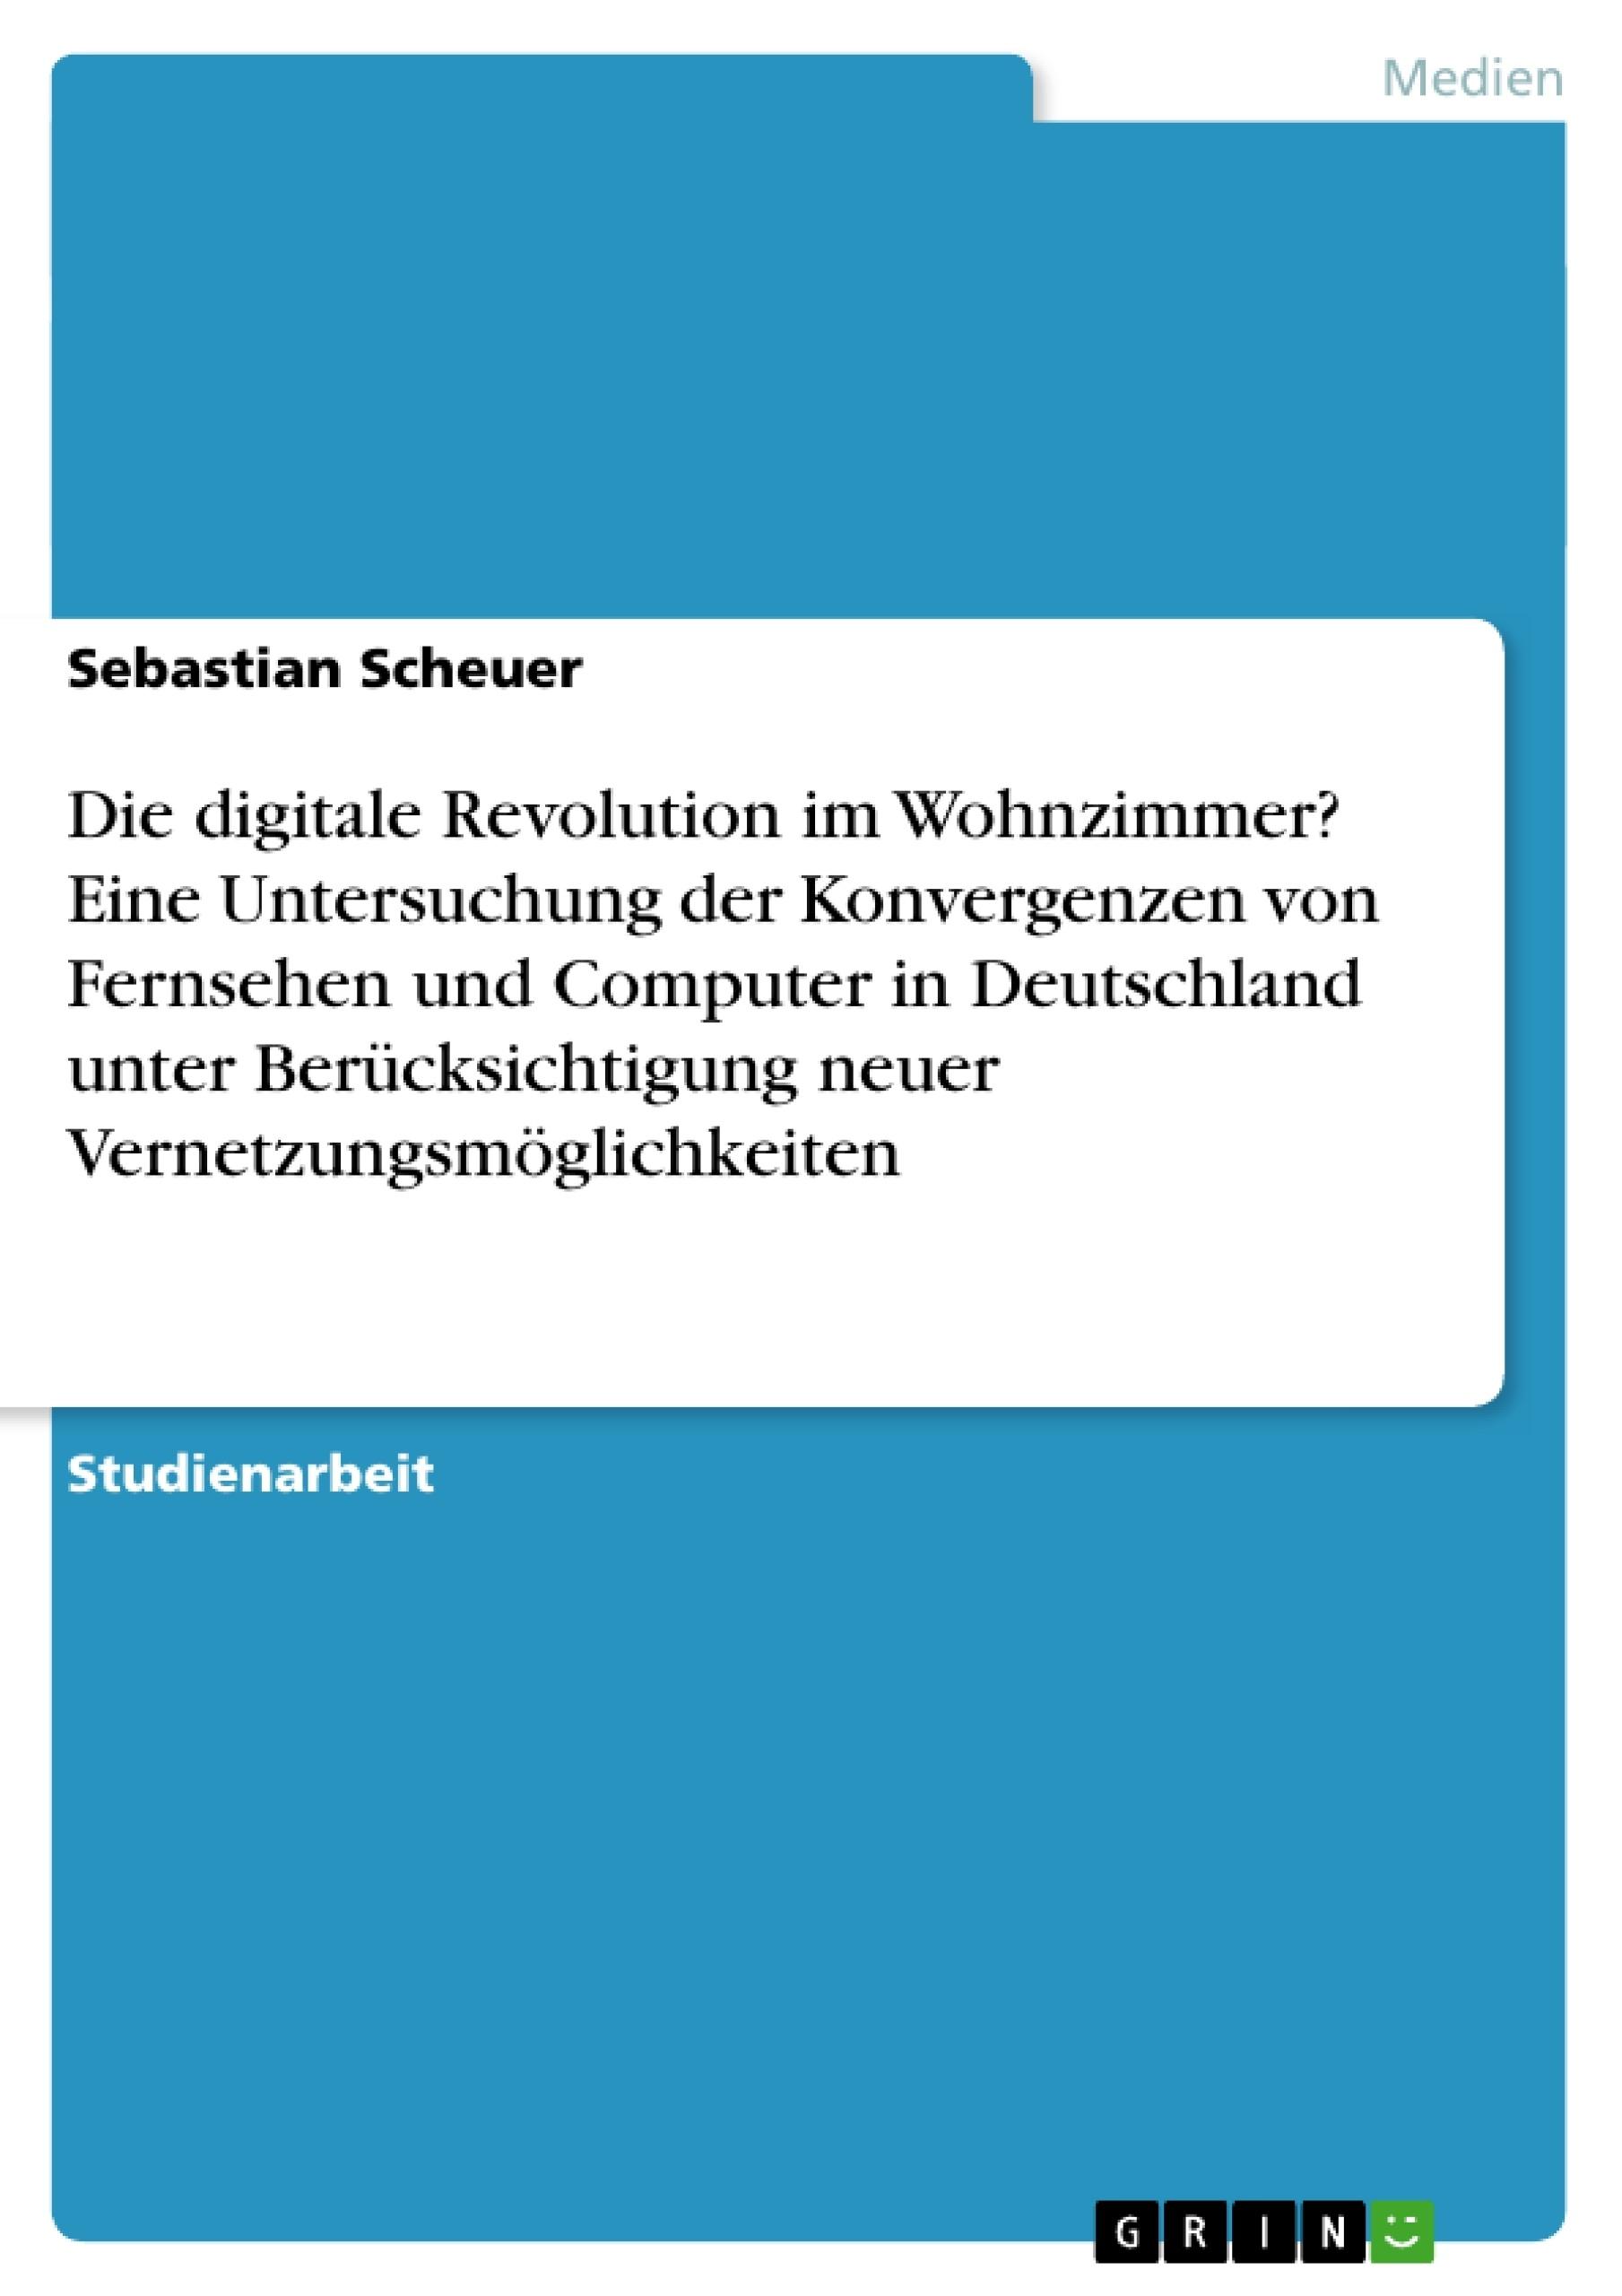 Titel: Die digitale Revolution im Wohnzimmer? Eine Untersuchung der Konvergenzen von Fernsehen und Computer in Deutschland unter Berücksichtigung neuer Vernetzungsmöglichkeiten